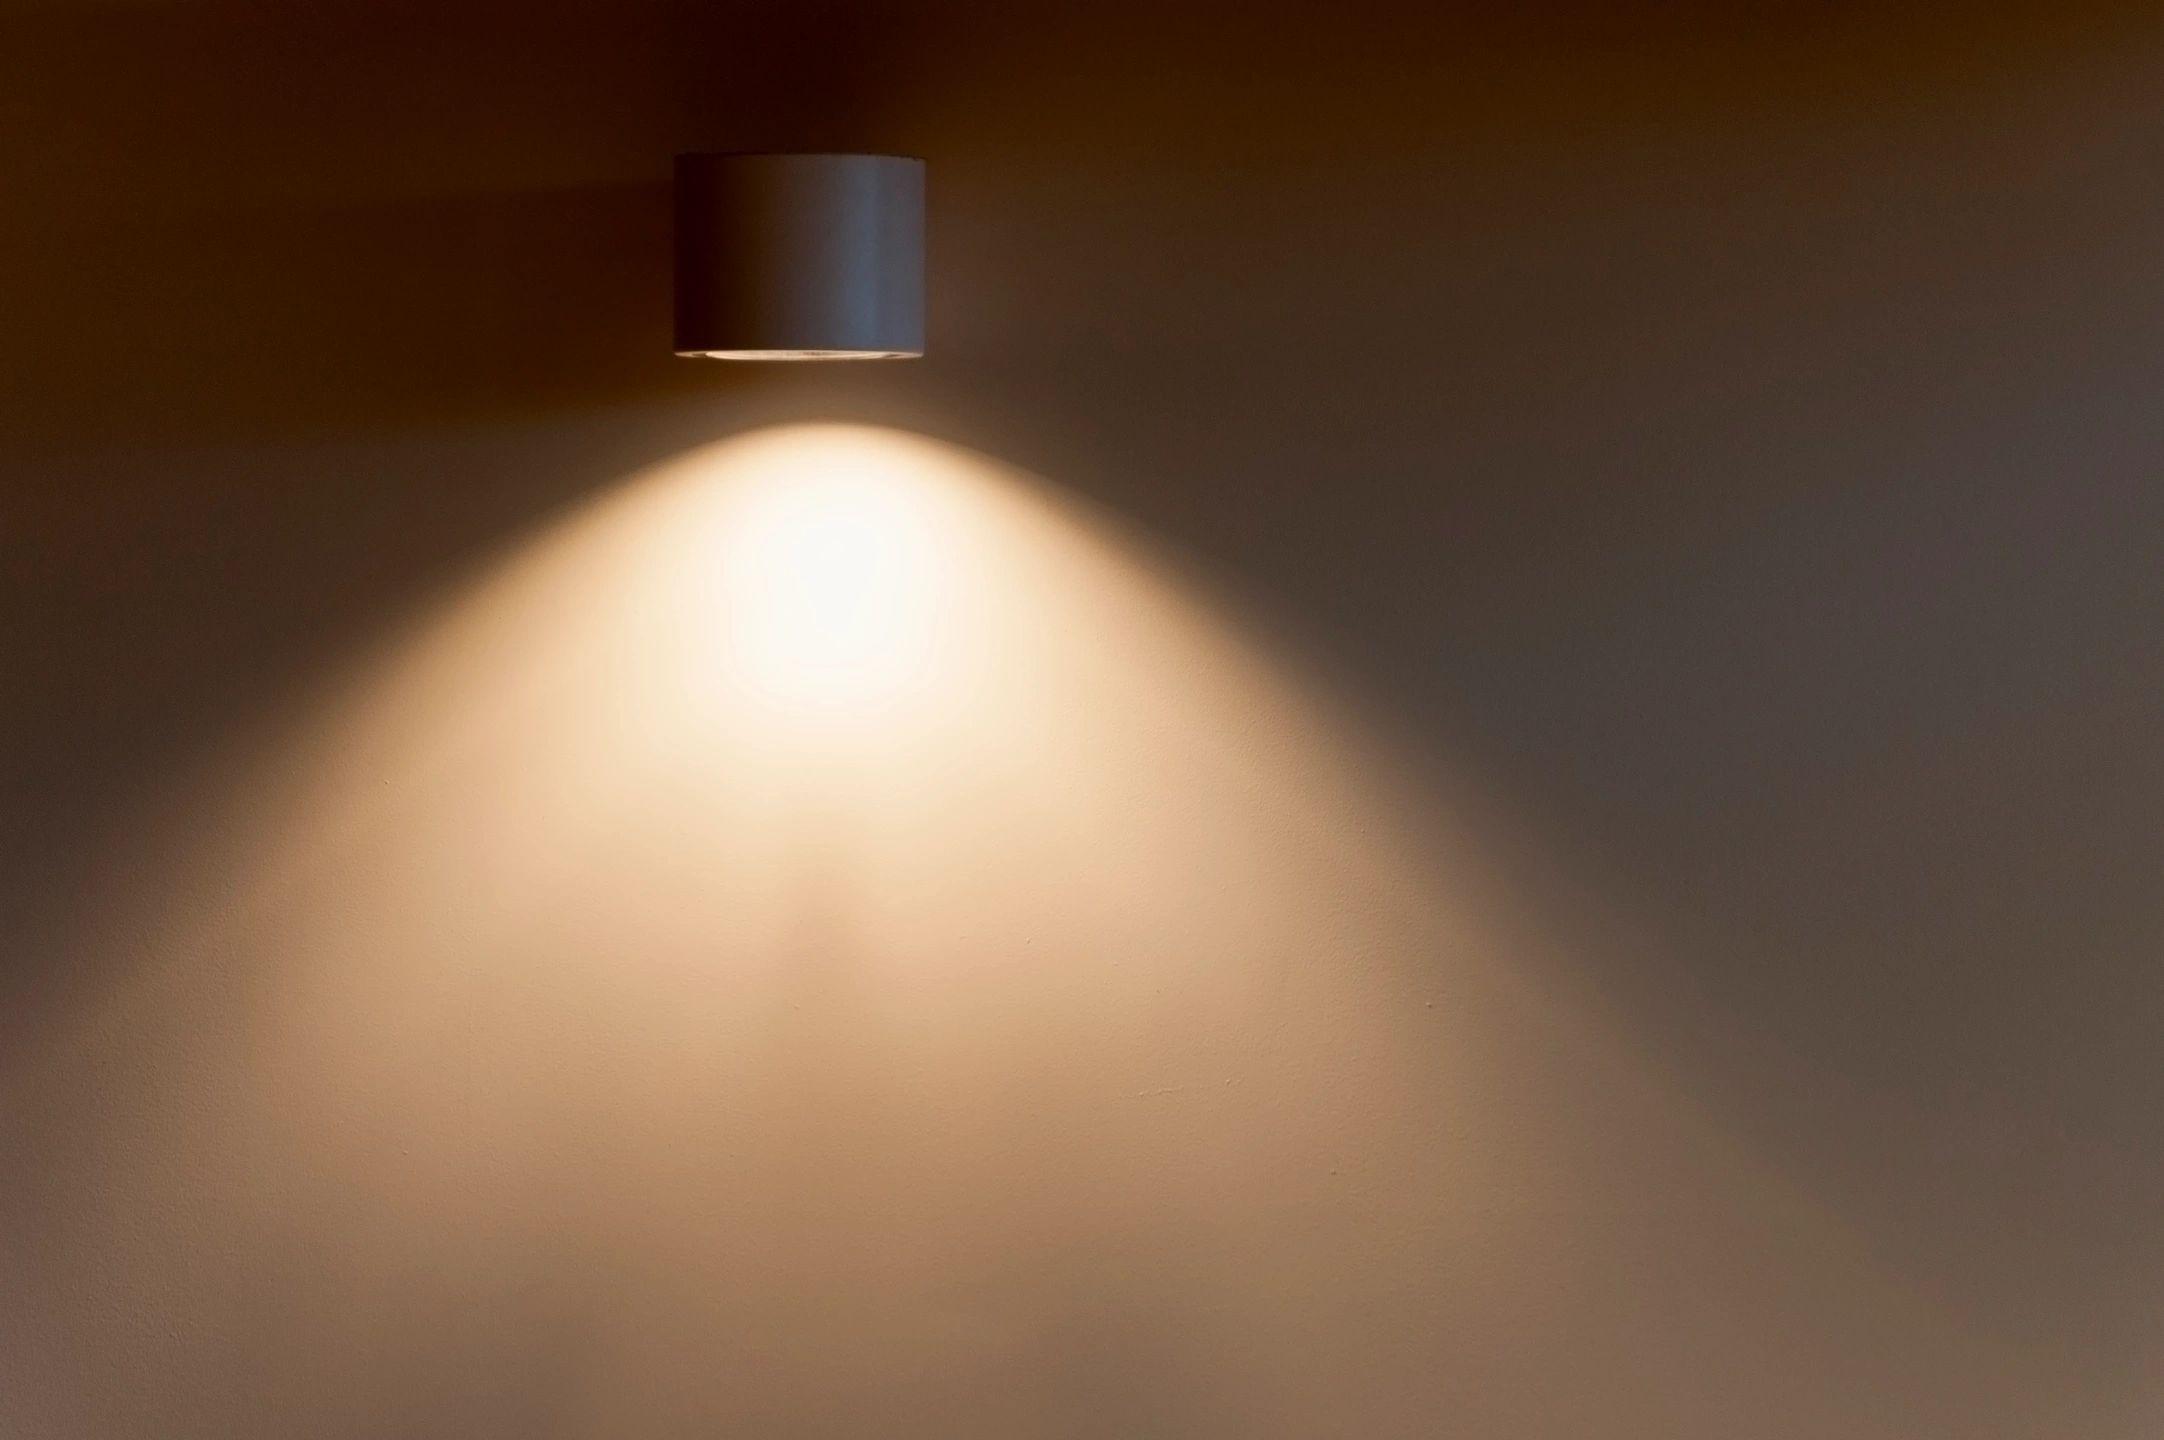 Simcoe lighting